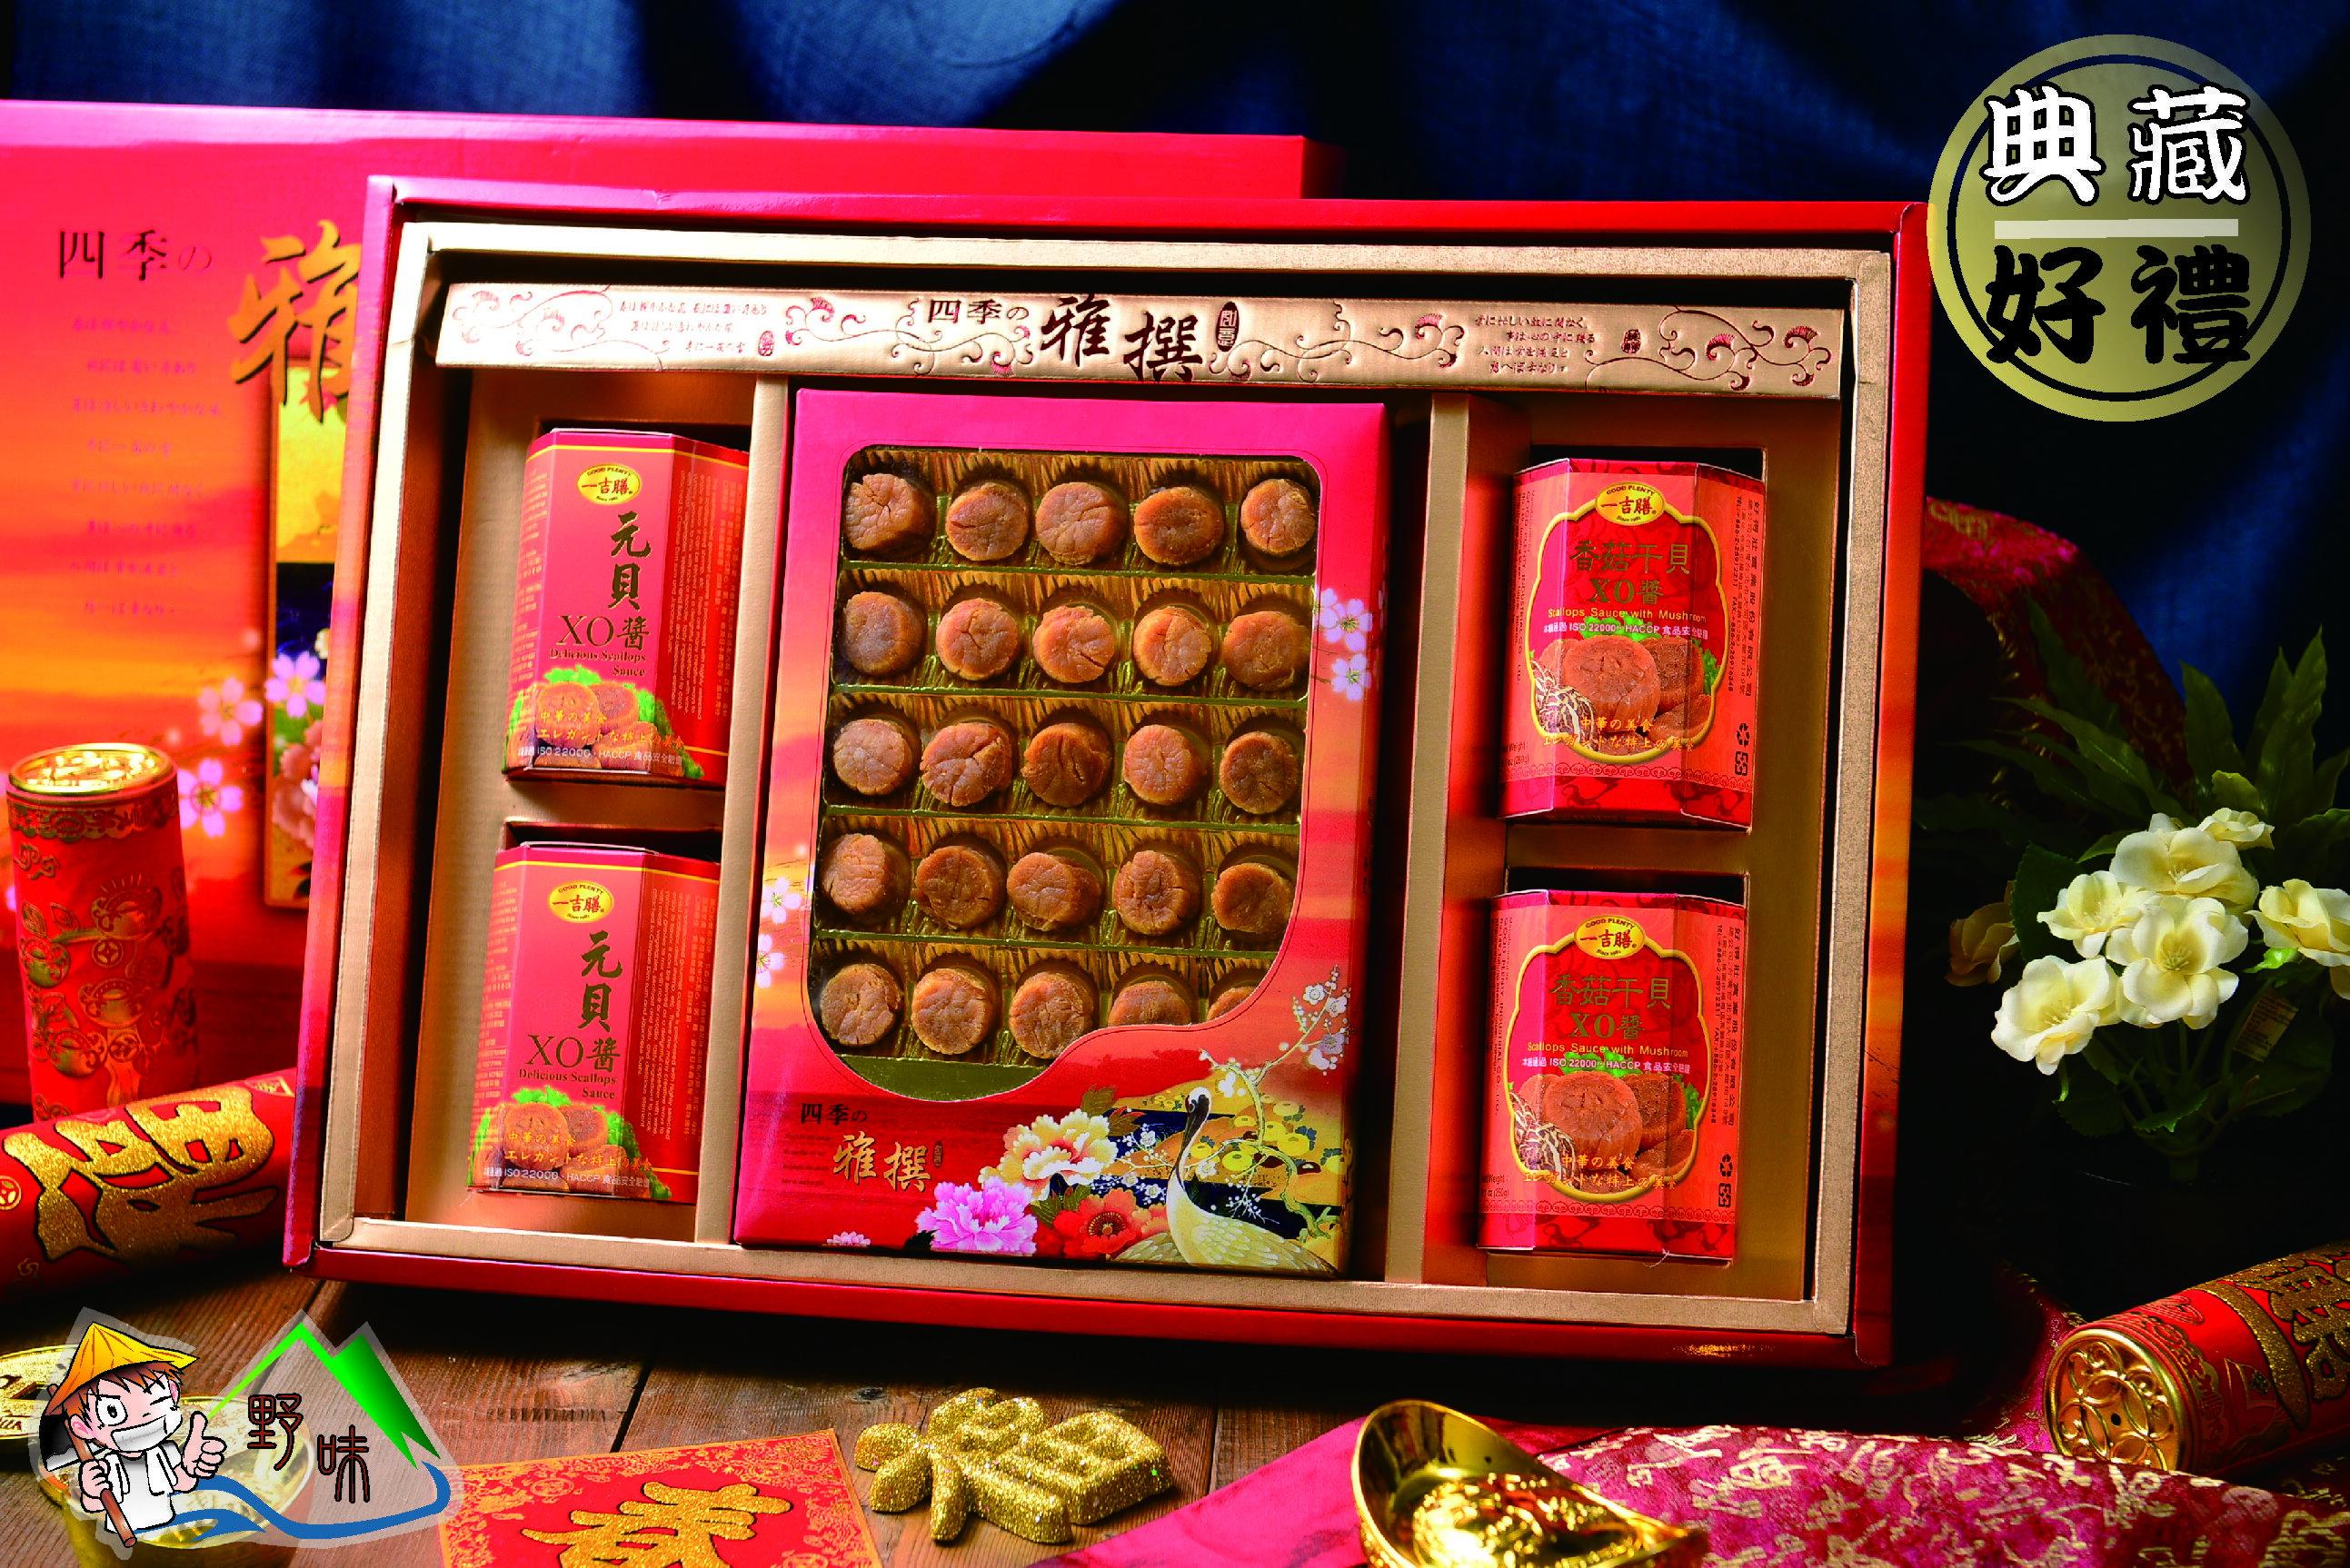 【野味食品】雅撰厚禮22(日本北海道M級干貝柱+一吉膳元貝XO醬+一吉膳香菇XO醬罐頭)(附贈年節禮盒、禮袋)(春節禮盒,傳統禮盒,年貨禮盒)